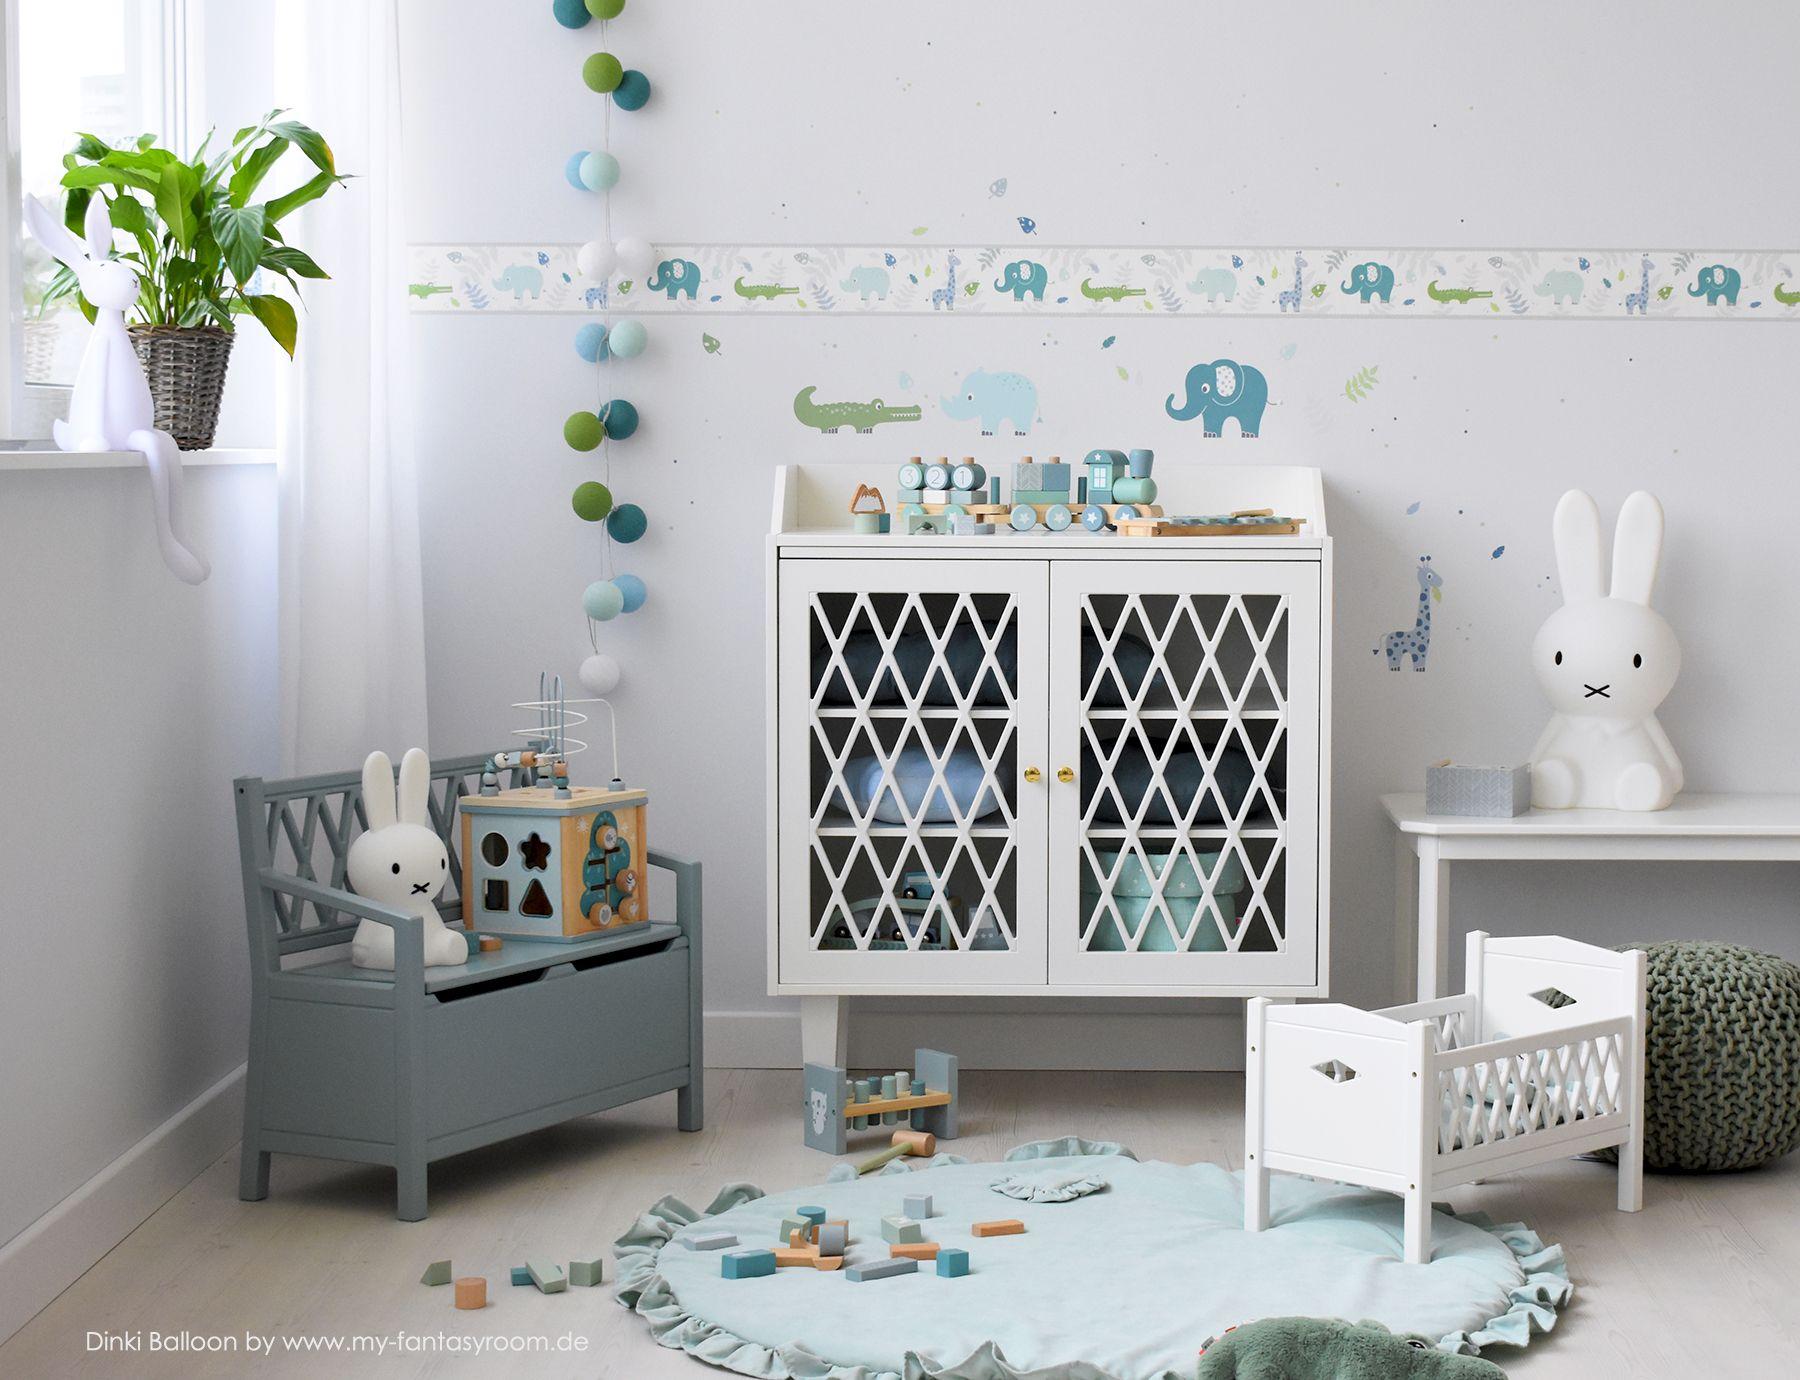 Kinderzimmer Bordüre Safari blau/jade/grün, selbstklebend